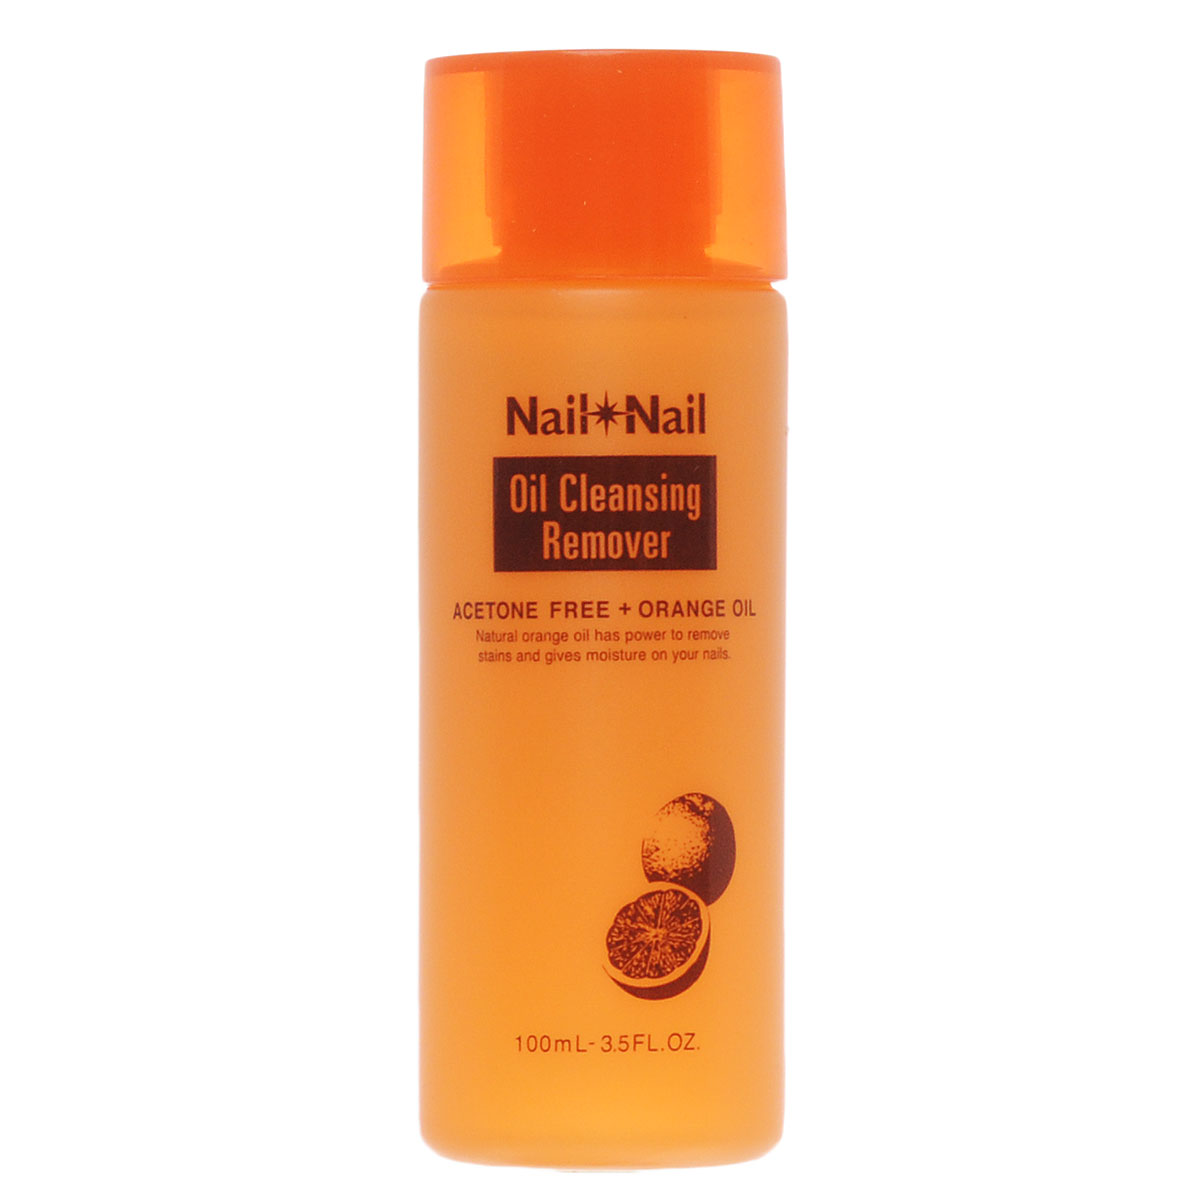 BCL Жидкость для снятия лака, с апельсиновым маслом, без ацетона, 100 мл28032022Жидкость быстро и мягко удаляет лак с поверхности ногтей. Сочетает в себе свойства ухаживающего продукта и средства для снятия лака.Содержит масло апельсина, которое увлажняет и питает ногтевую пластину, смягчает поверхность ногтя.Это средство обеспечивает удобный и эффективный уход за ногтями. Не содержит ацетона. Обладает приятным ароматом апельсина. Товар сертифицирован.